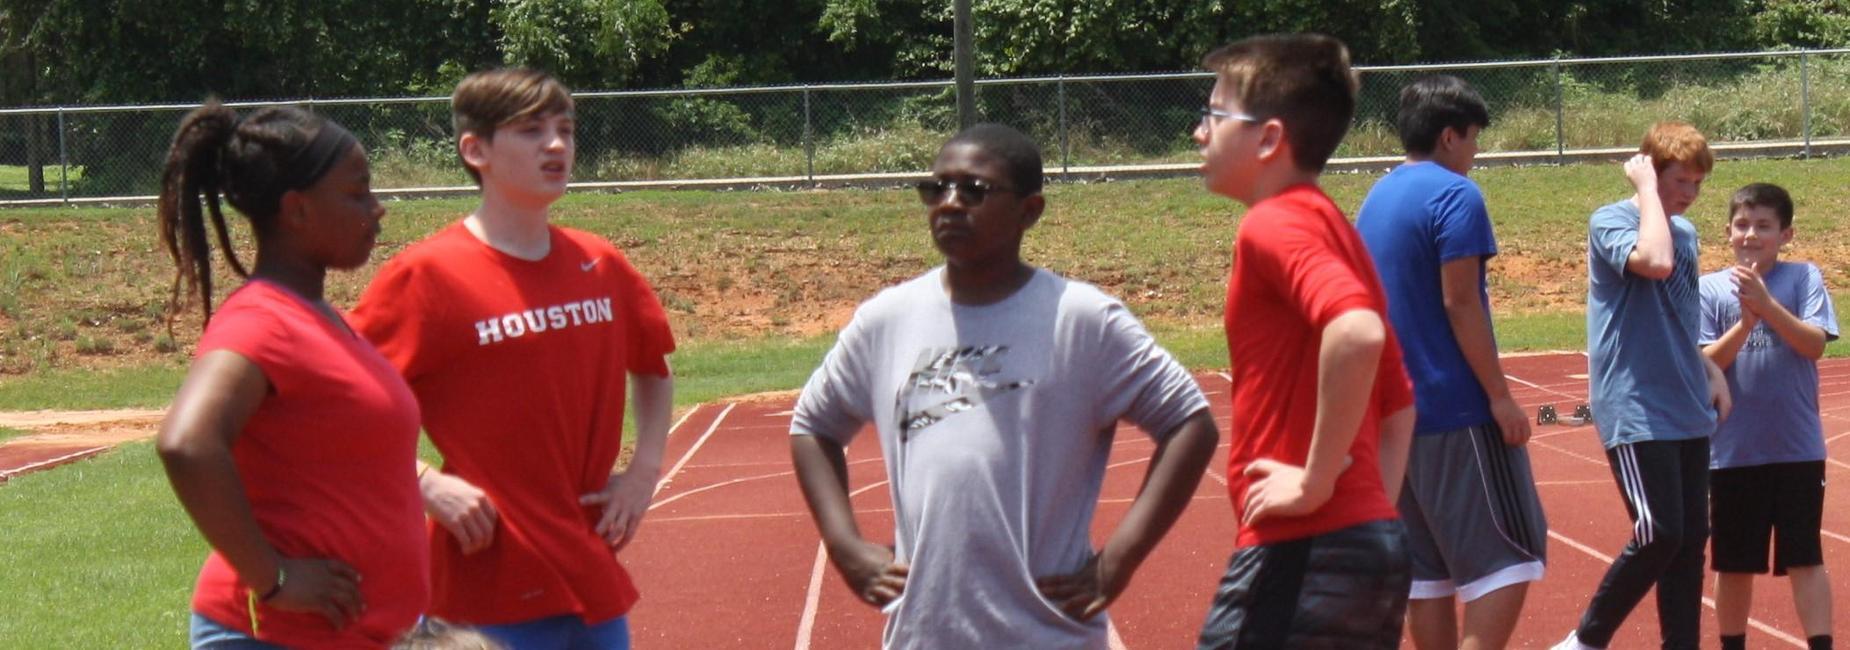 Jr High Field Day